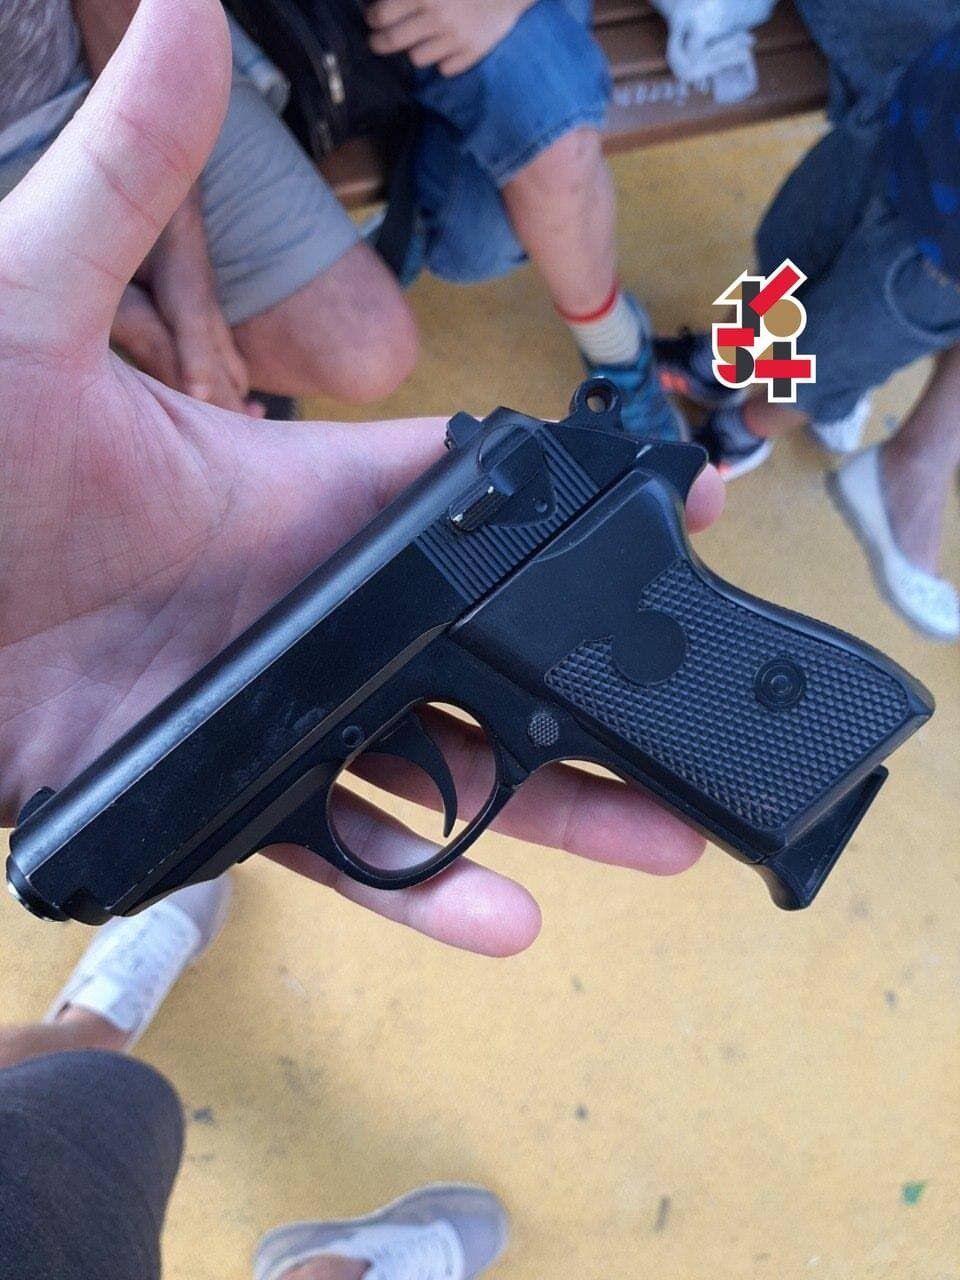 Пистолет, из которого стрелял школьник.